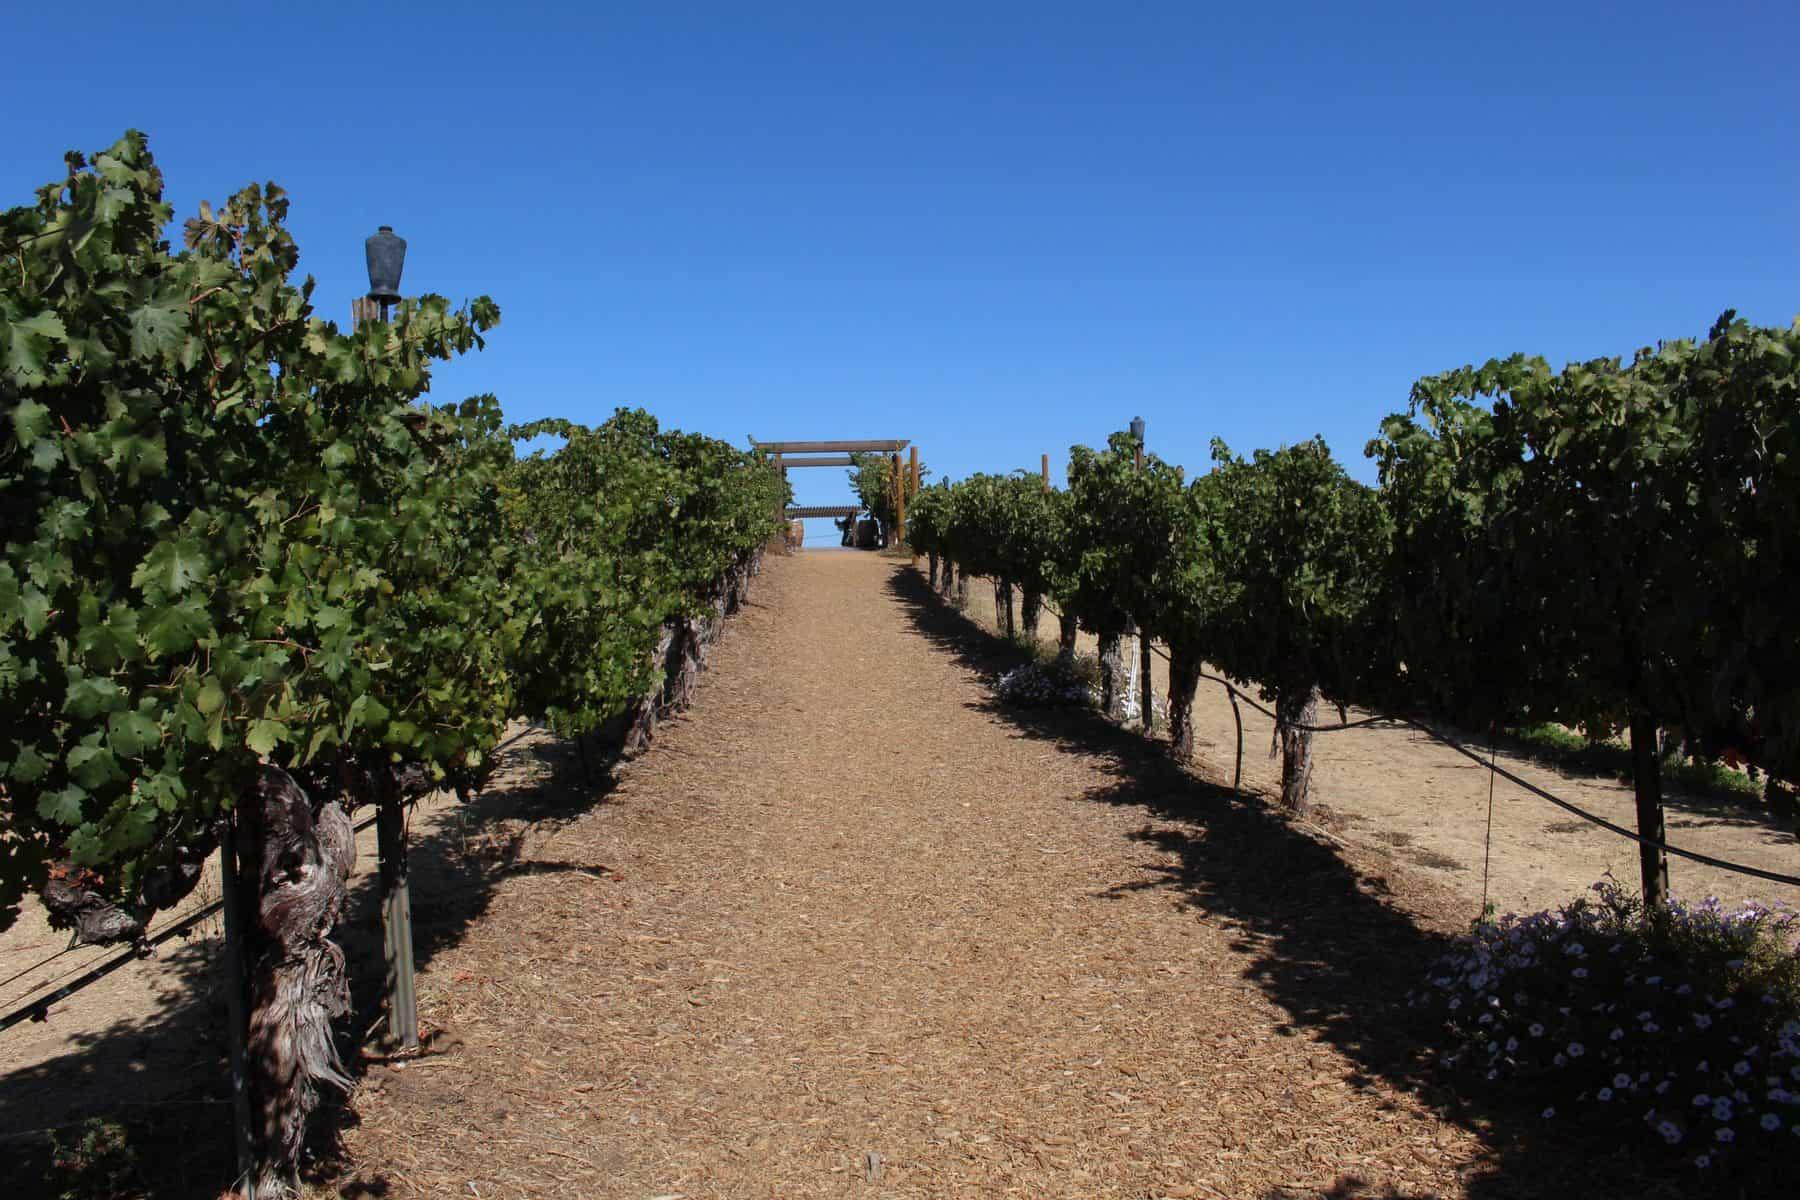 Wilson Creek Vineyard in Temecula